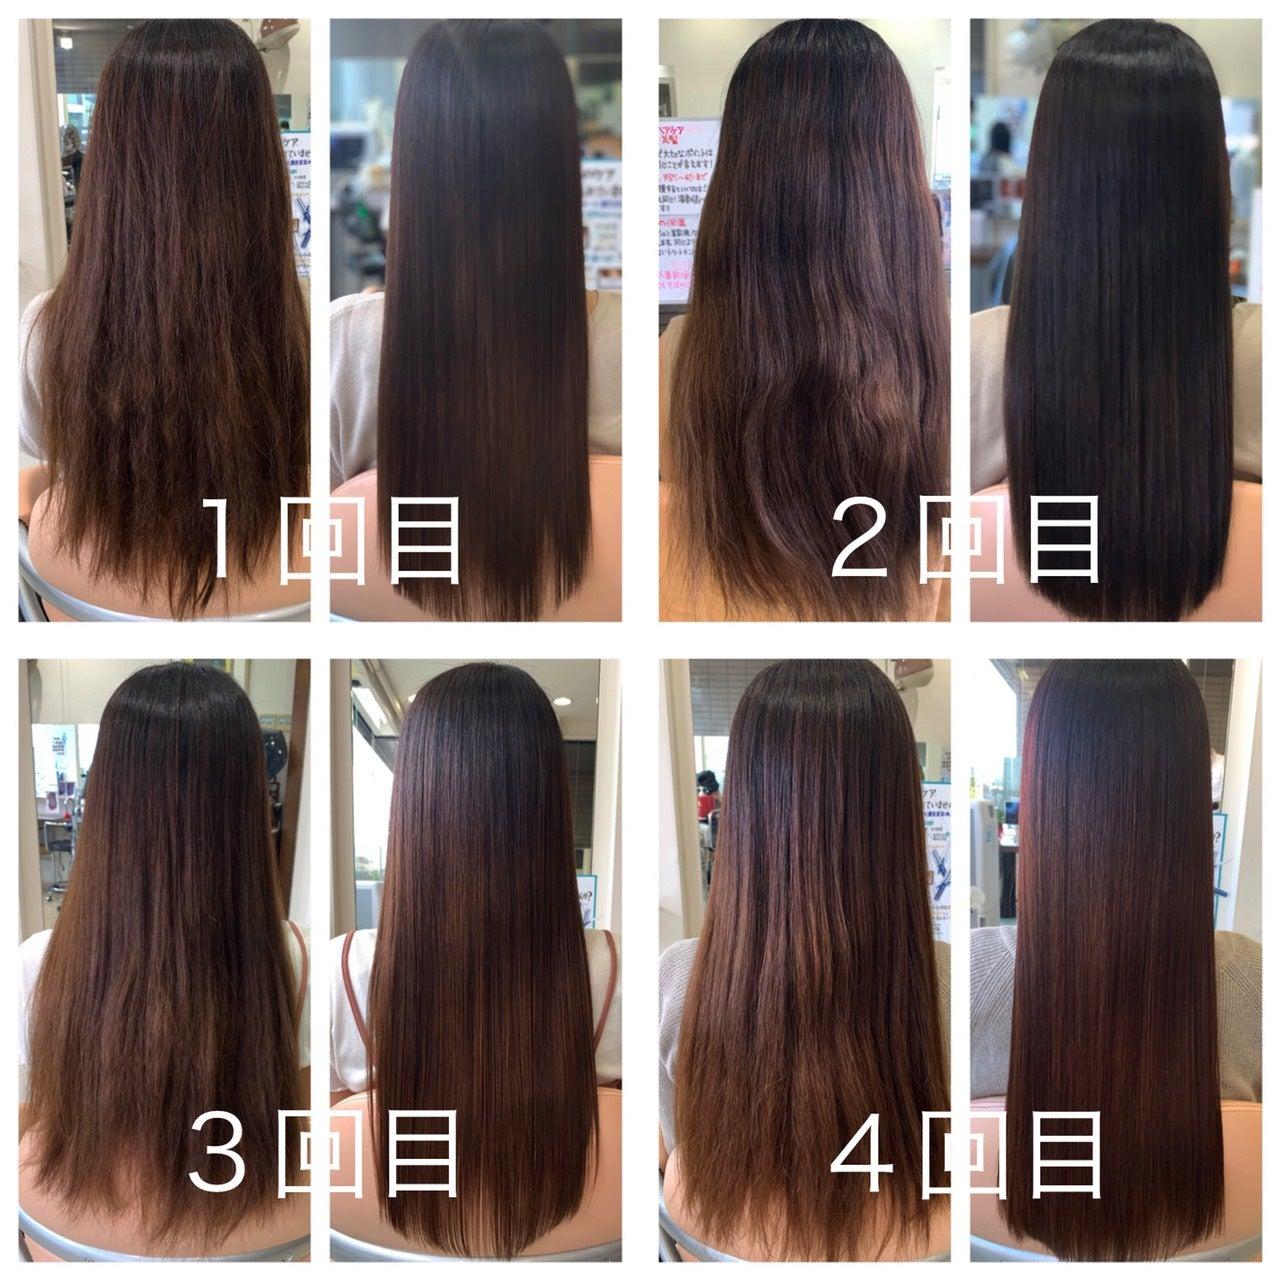 髪質改善プレミアムトリートメントをする理由。